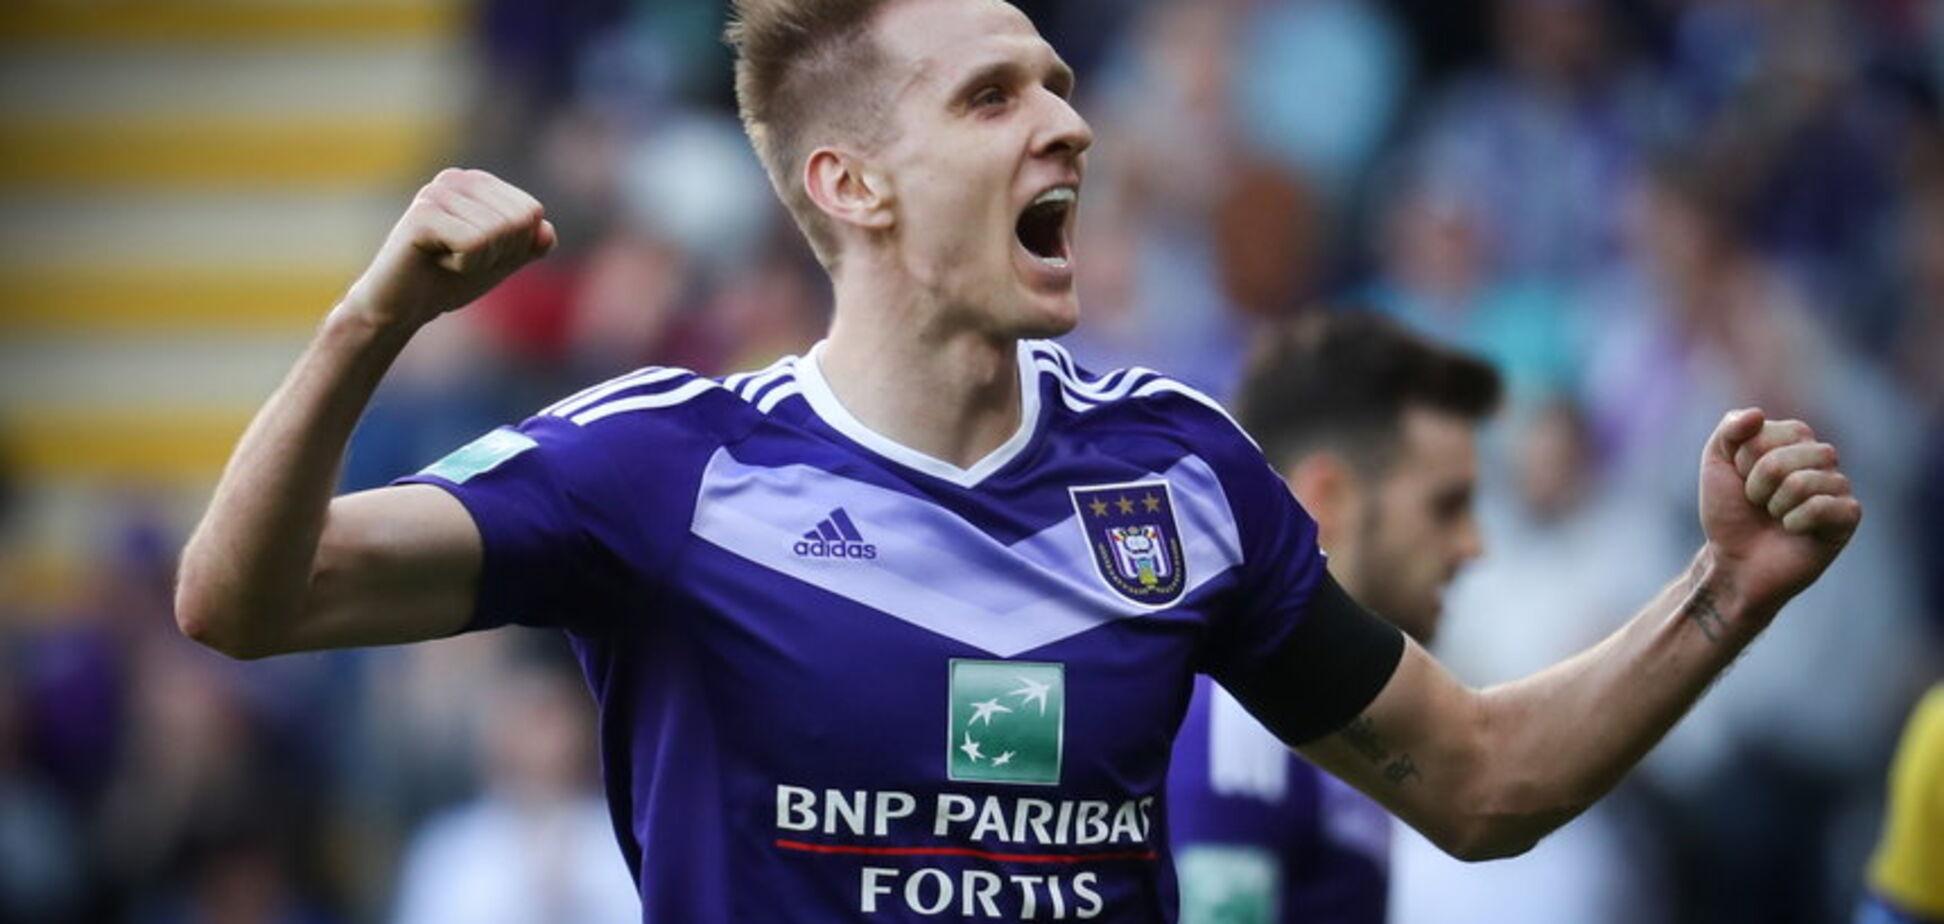 Выгнанный Ребровым форвард забил роскошный победный гол в Бельгии: видео шедевра